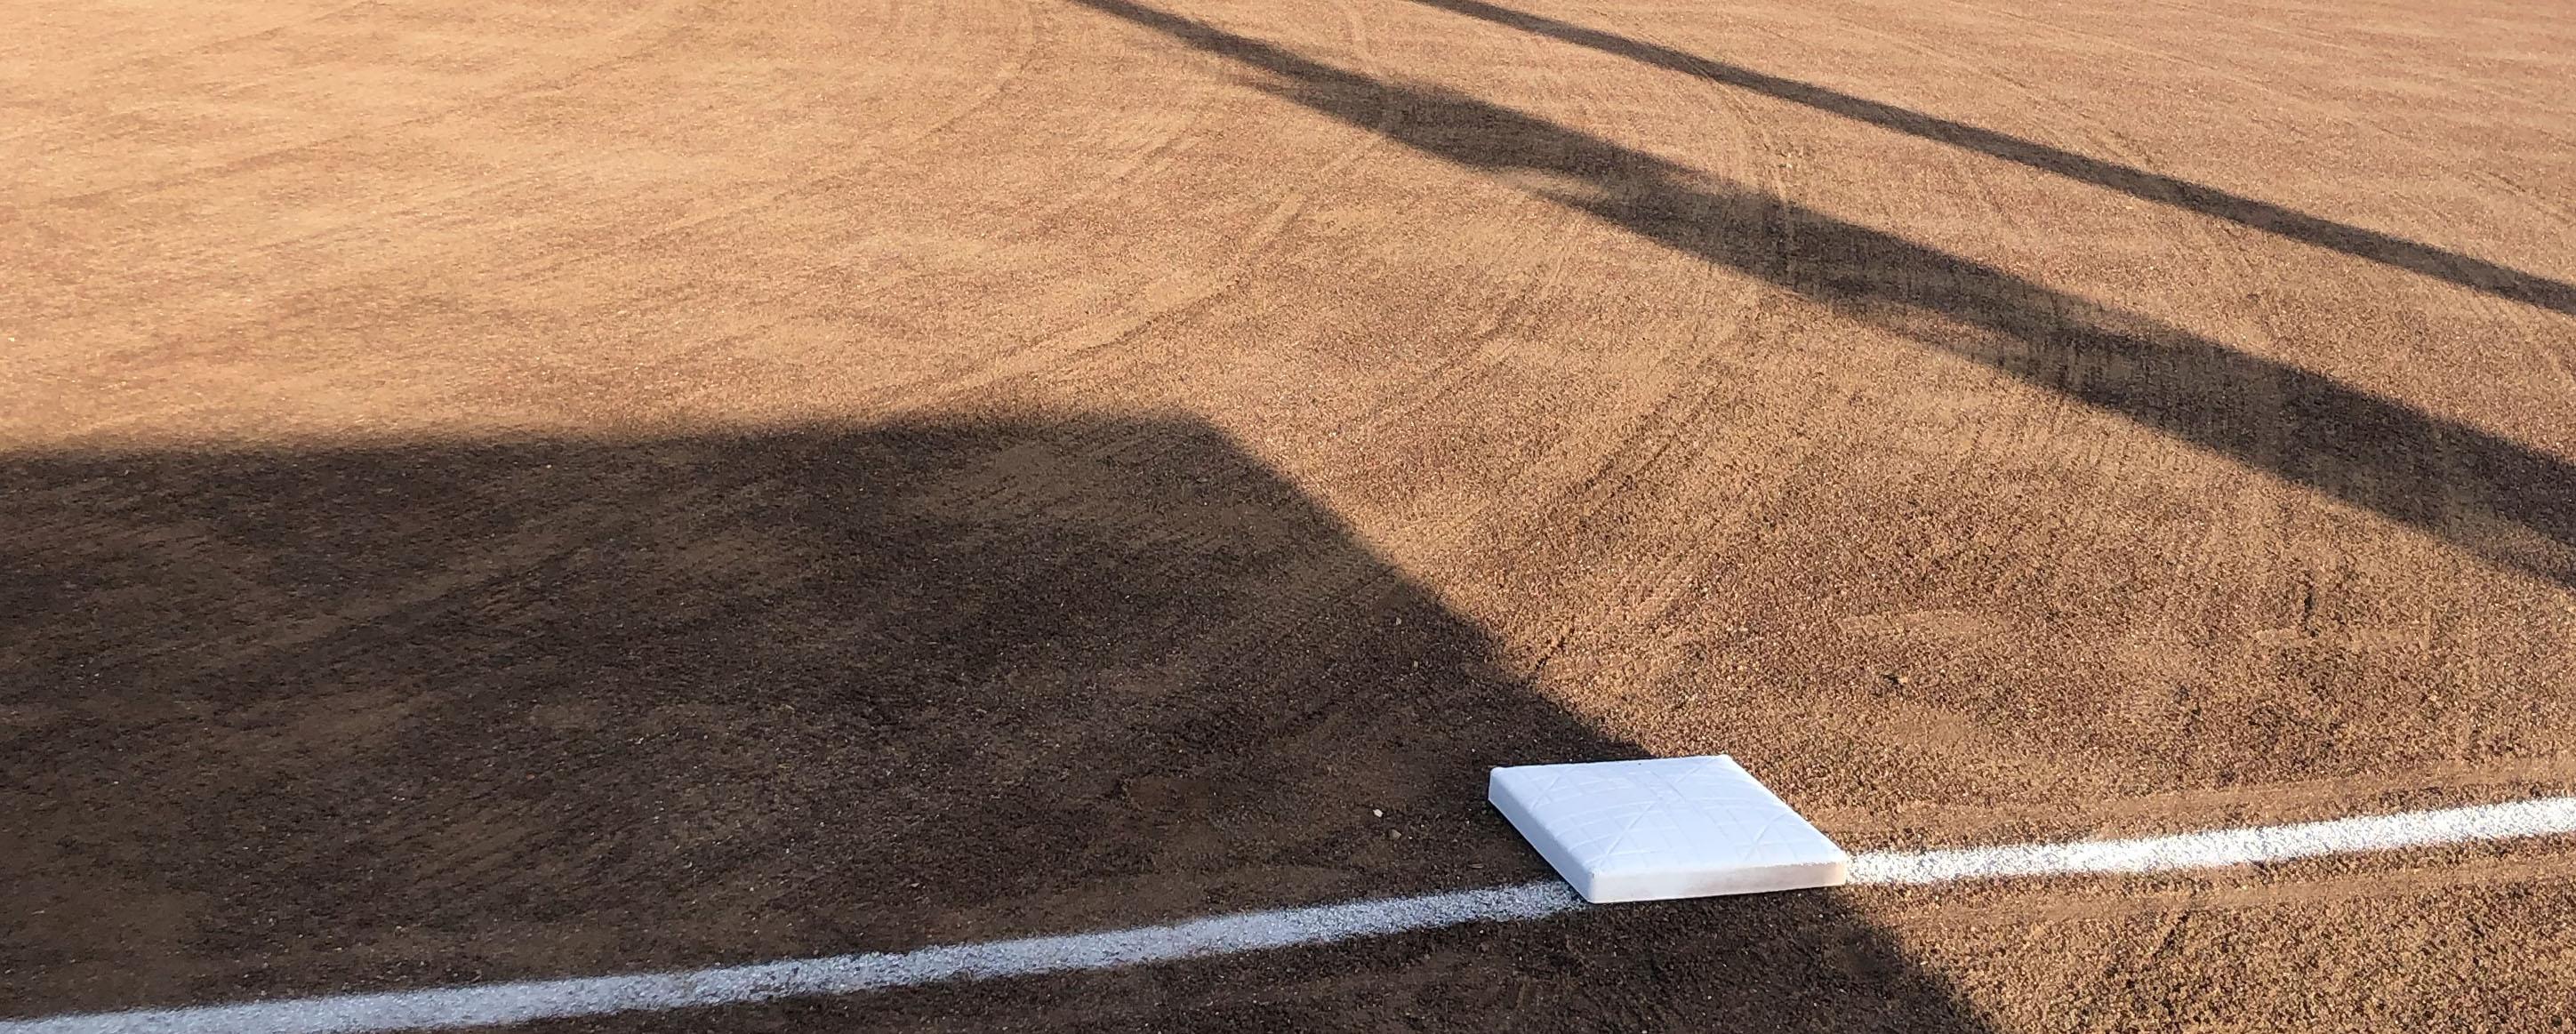 baseball-top-softball